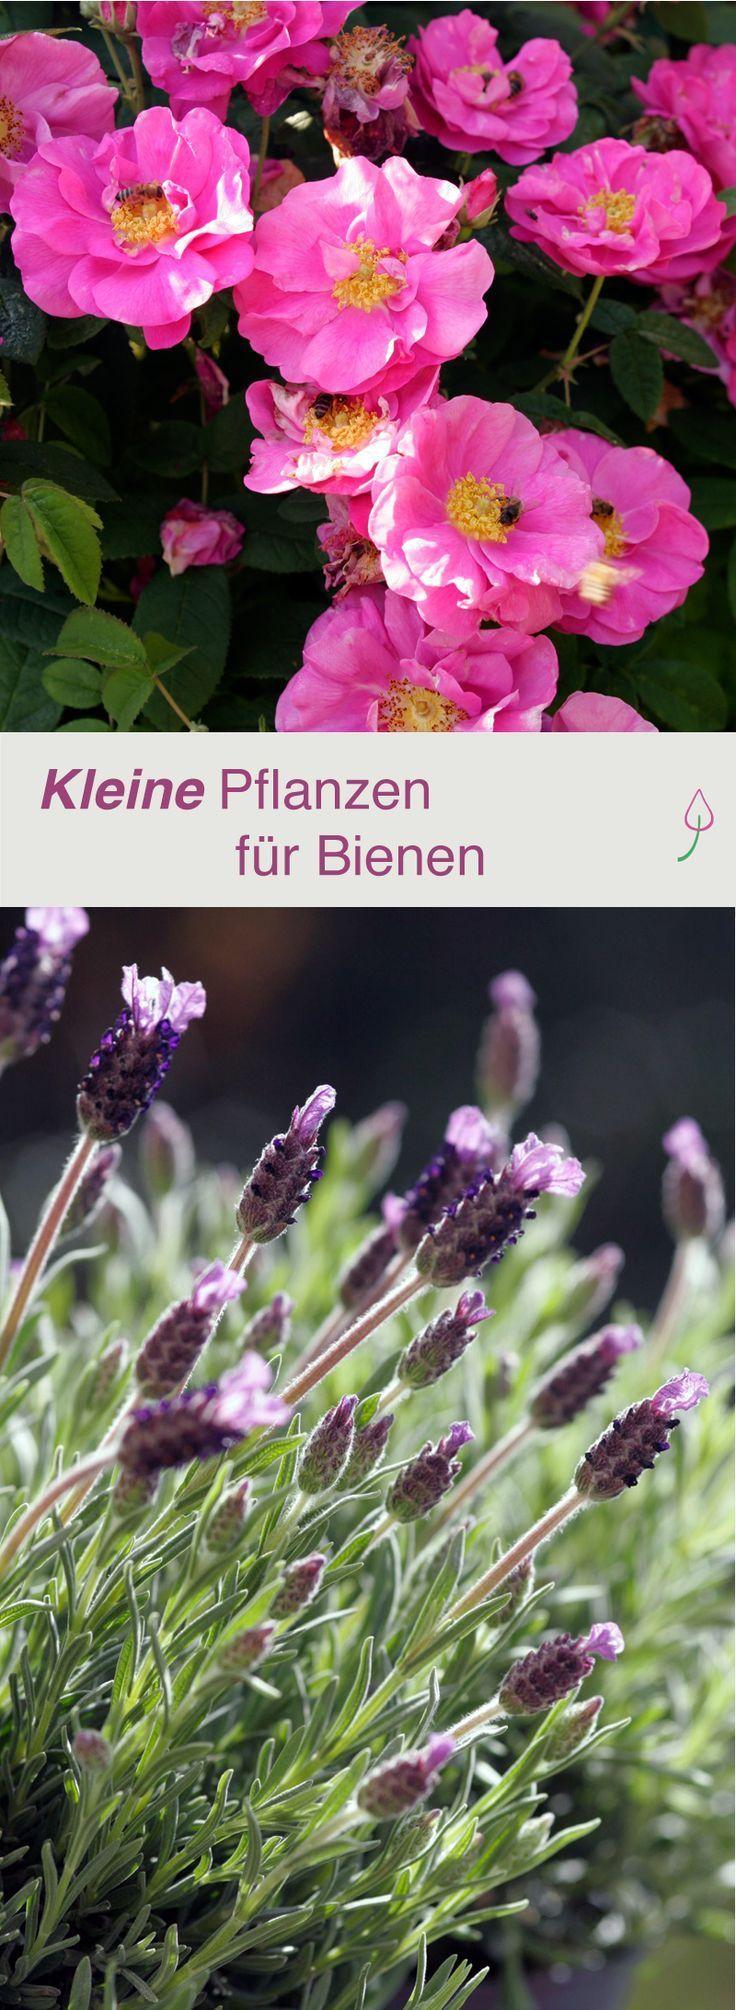 Kleine Pflanzen Und Blumen Fur Bienen Die In Jeden Garten Oder Balkon Passen Balconyflowers B Bienenfreundliche Pflanzen Pflanzen Bienenfreundliche Blumen